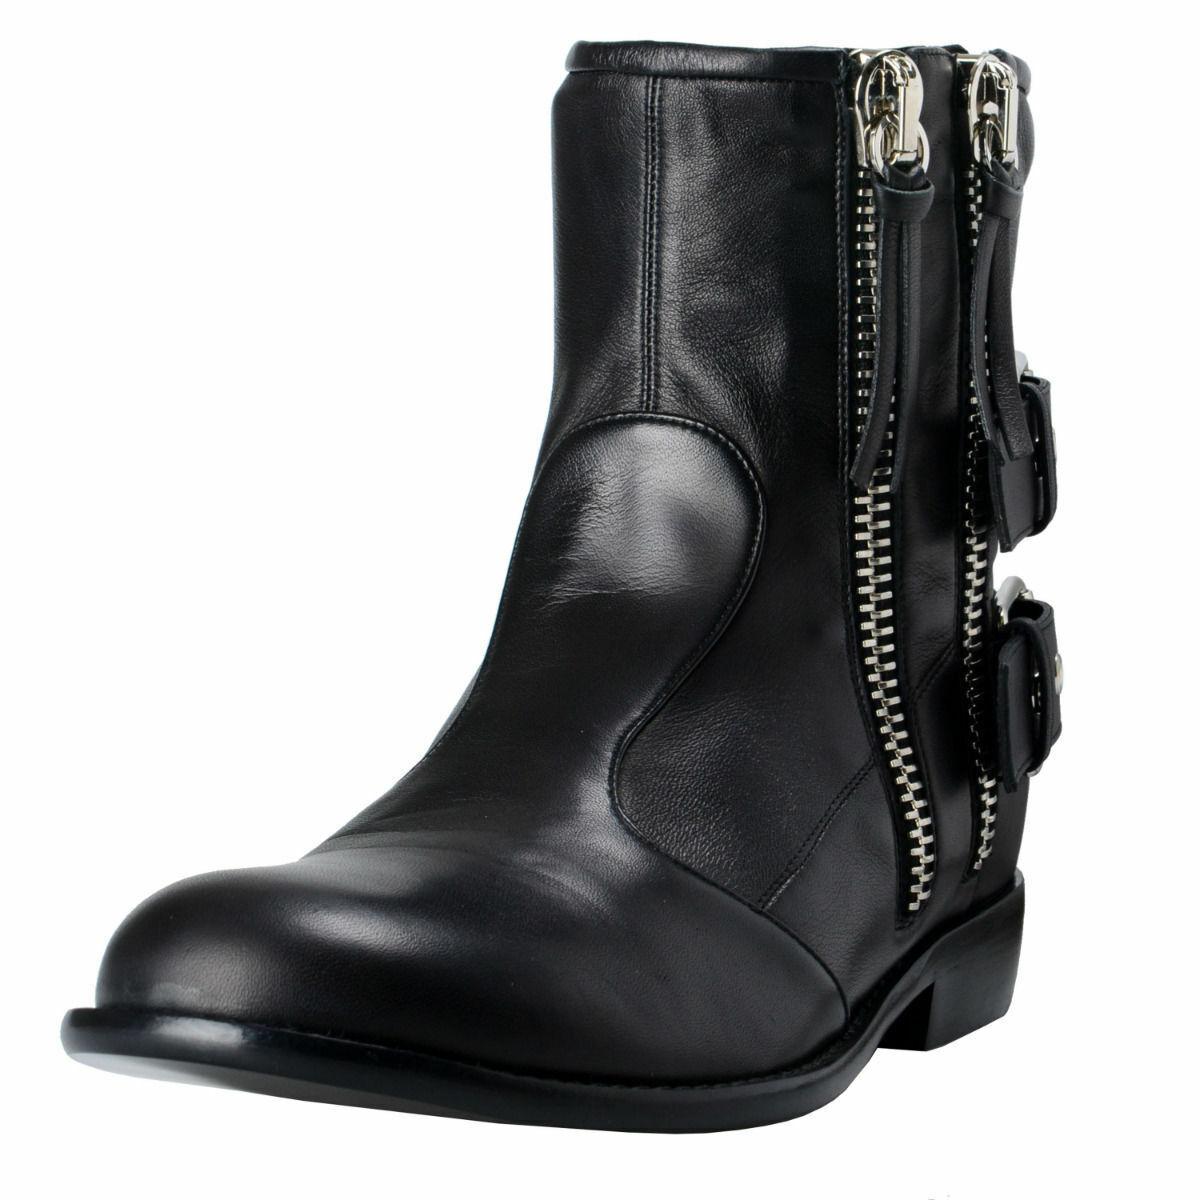 Giuseppe Zanotti Design Zapatos botas de cuero para hombre